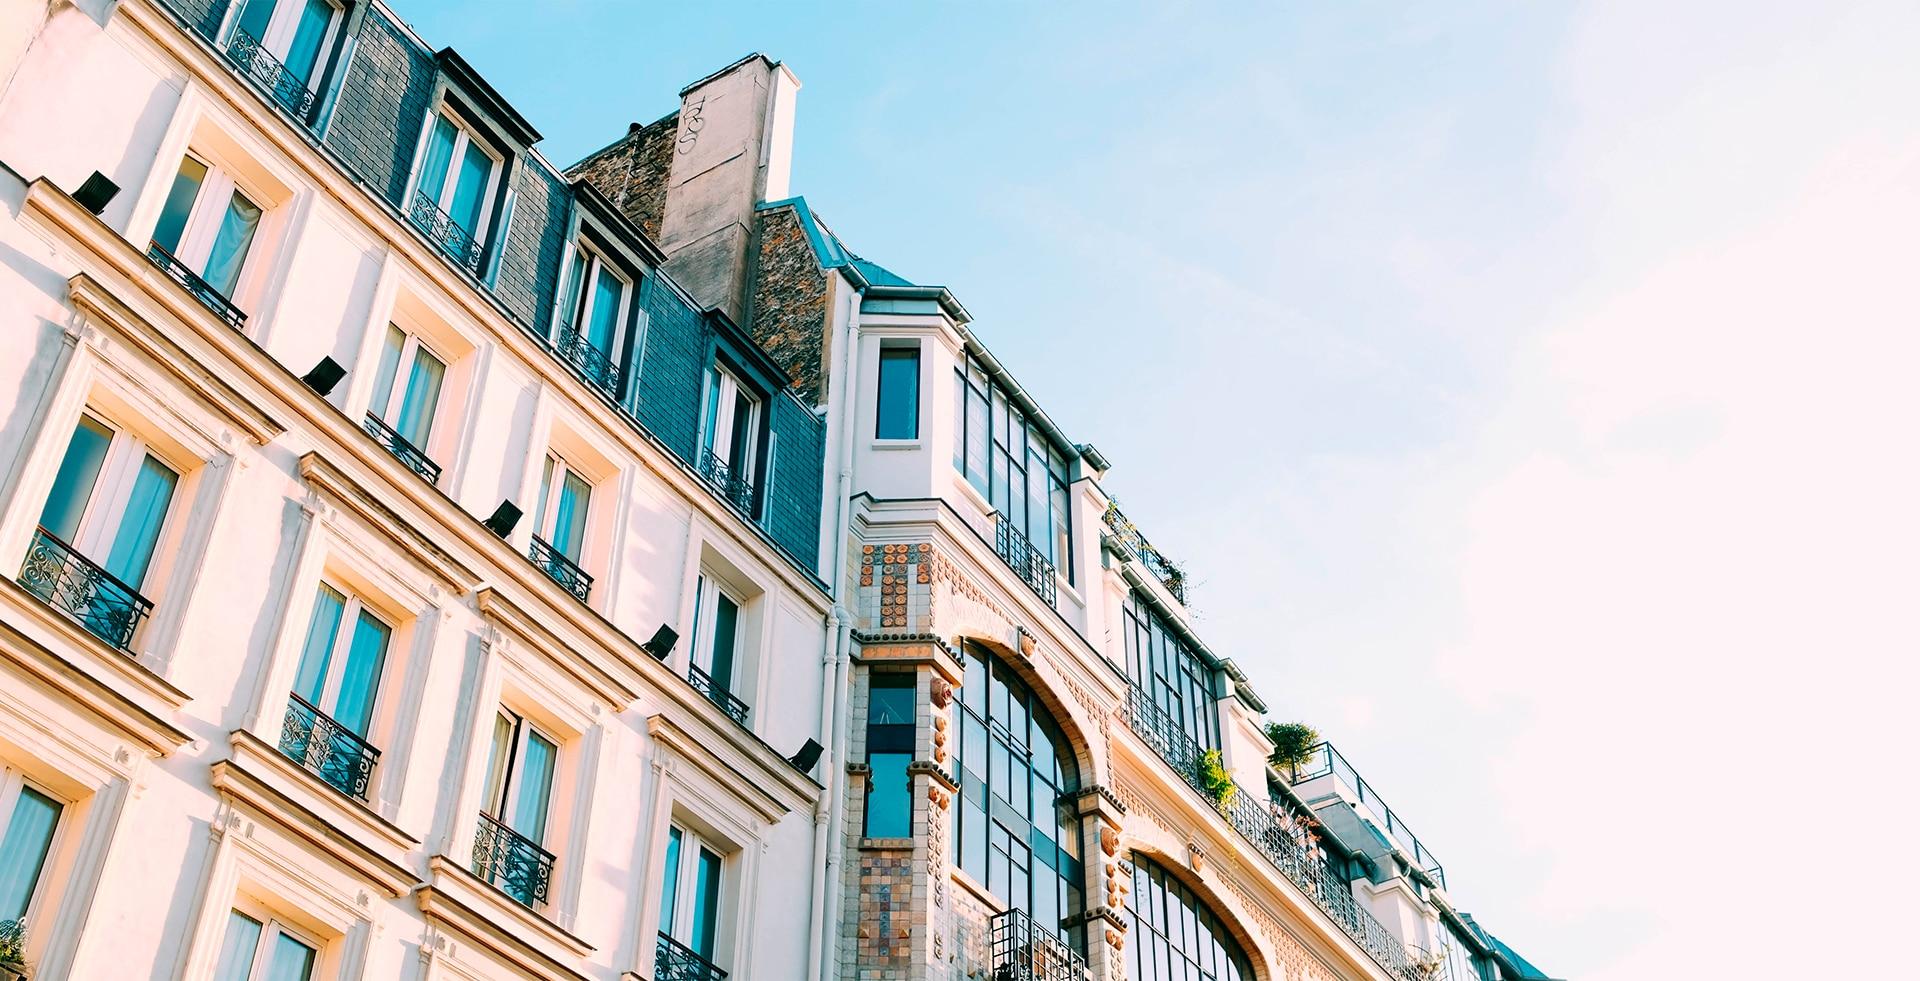 batiment sur paris - harmonia luxus